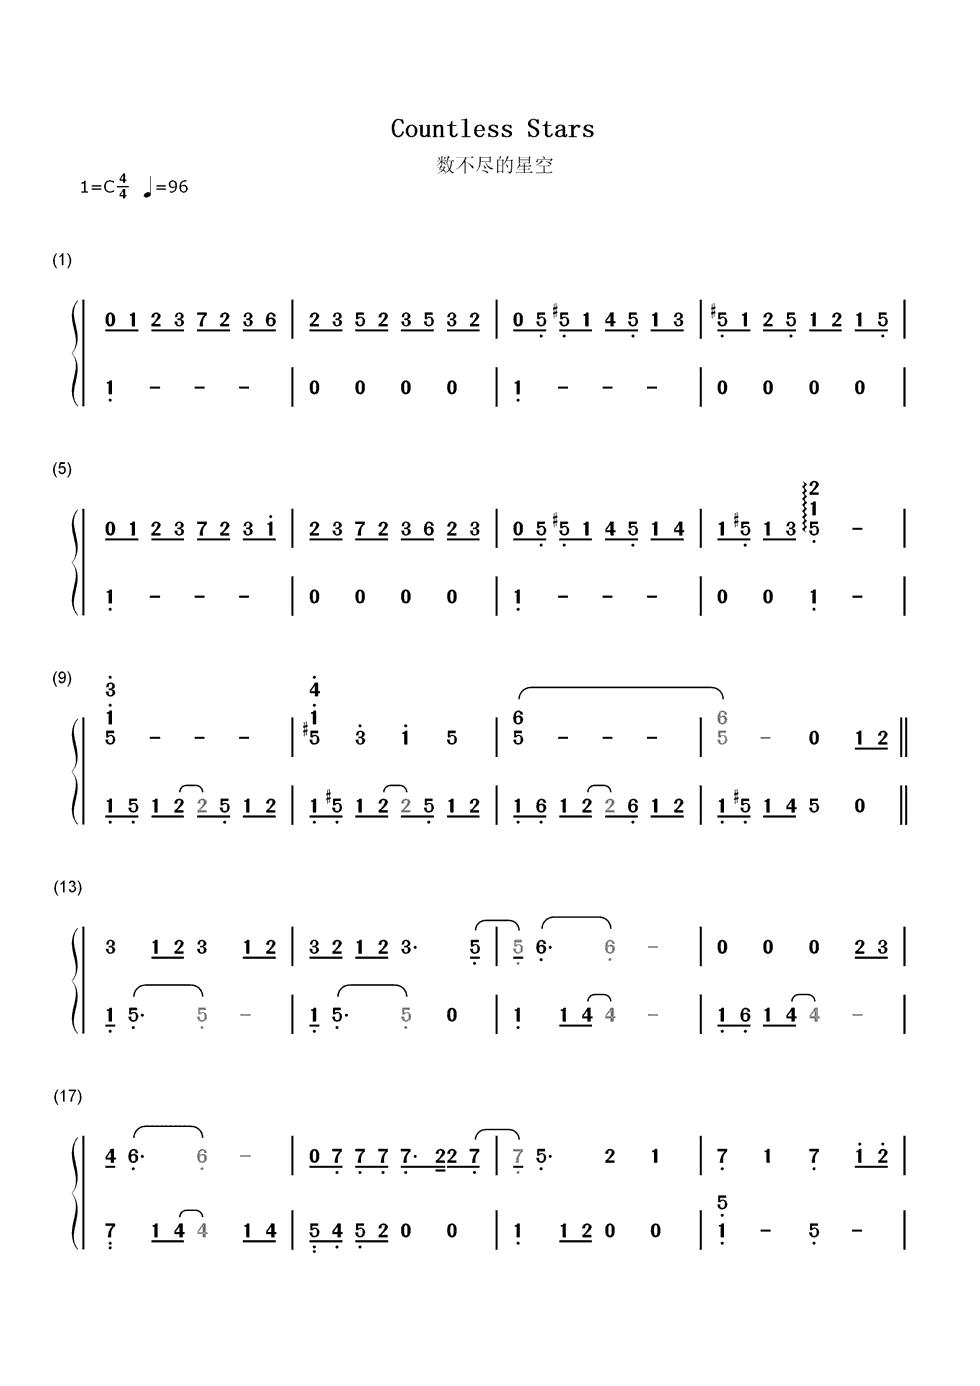 数不尽的星空的数字钢琴简谱要的是数字简谱,而不是五线谱图片